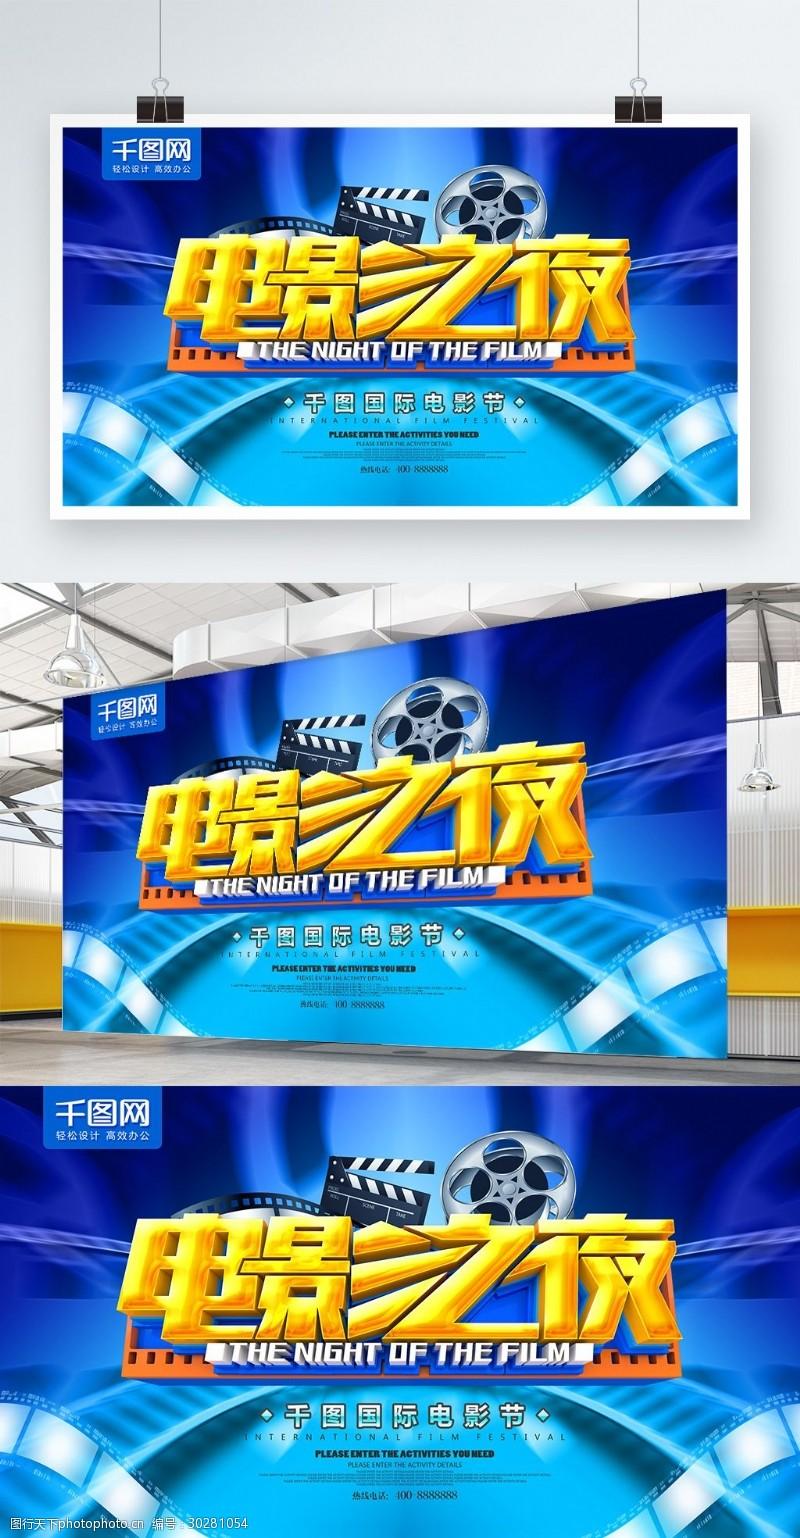 电影元素C4D蓝色大气电影之夜电影节海报